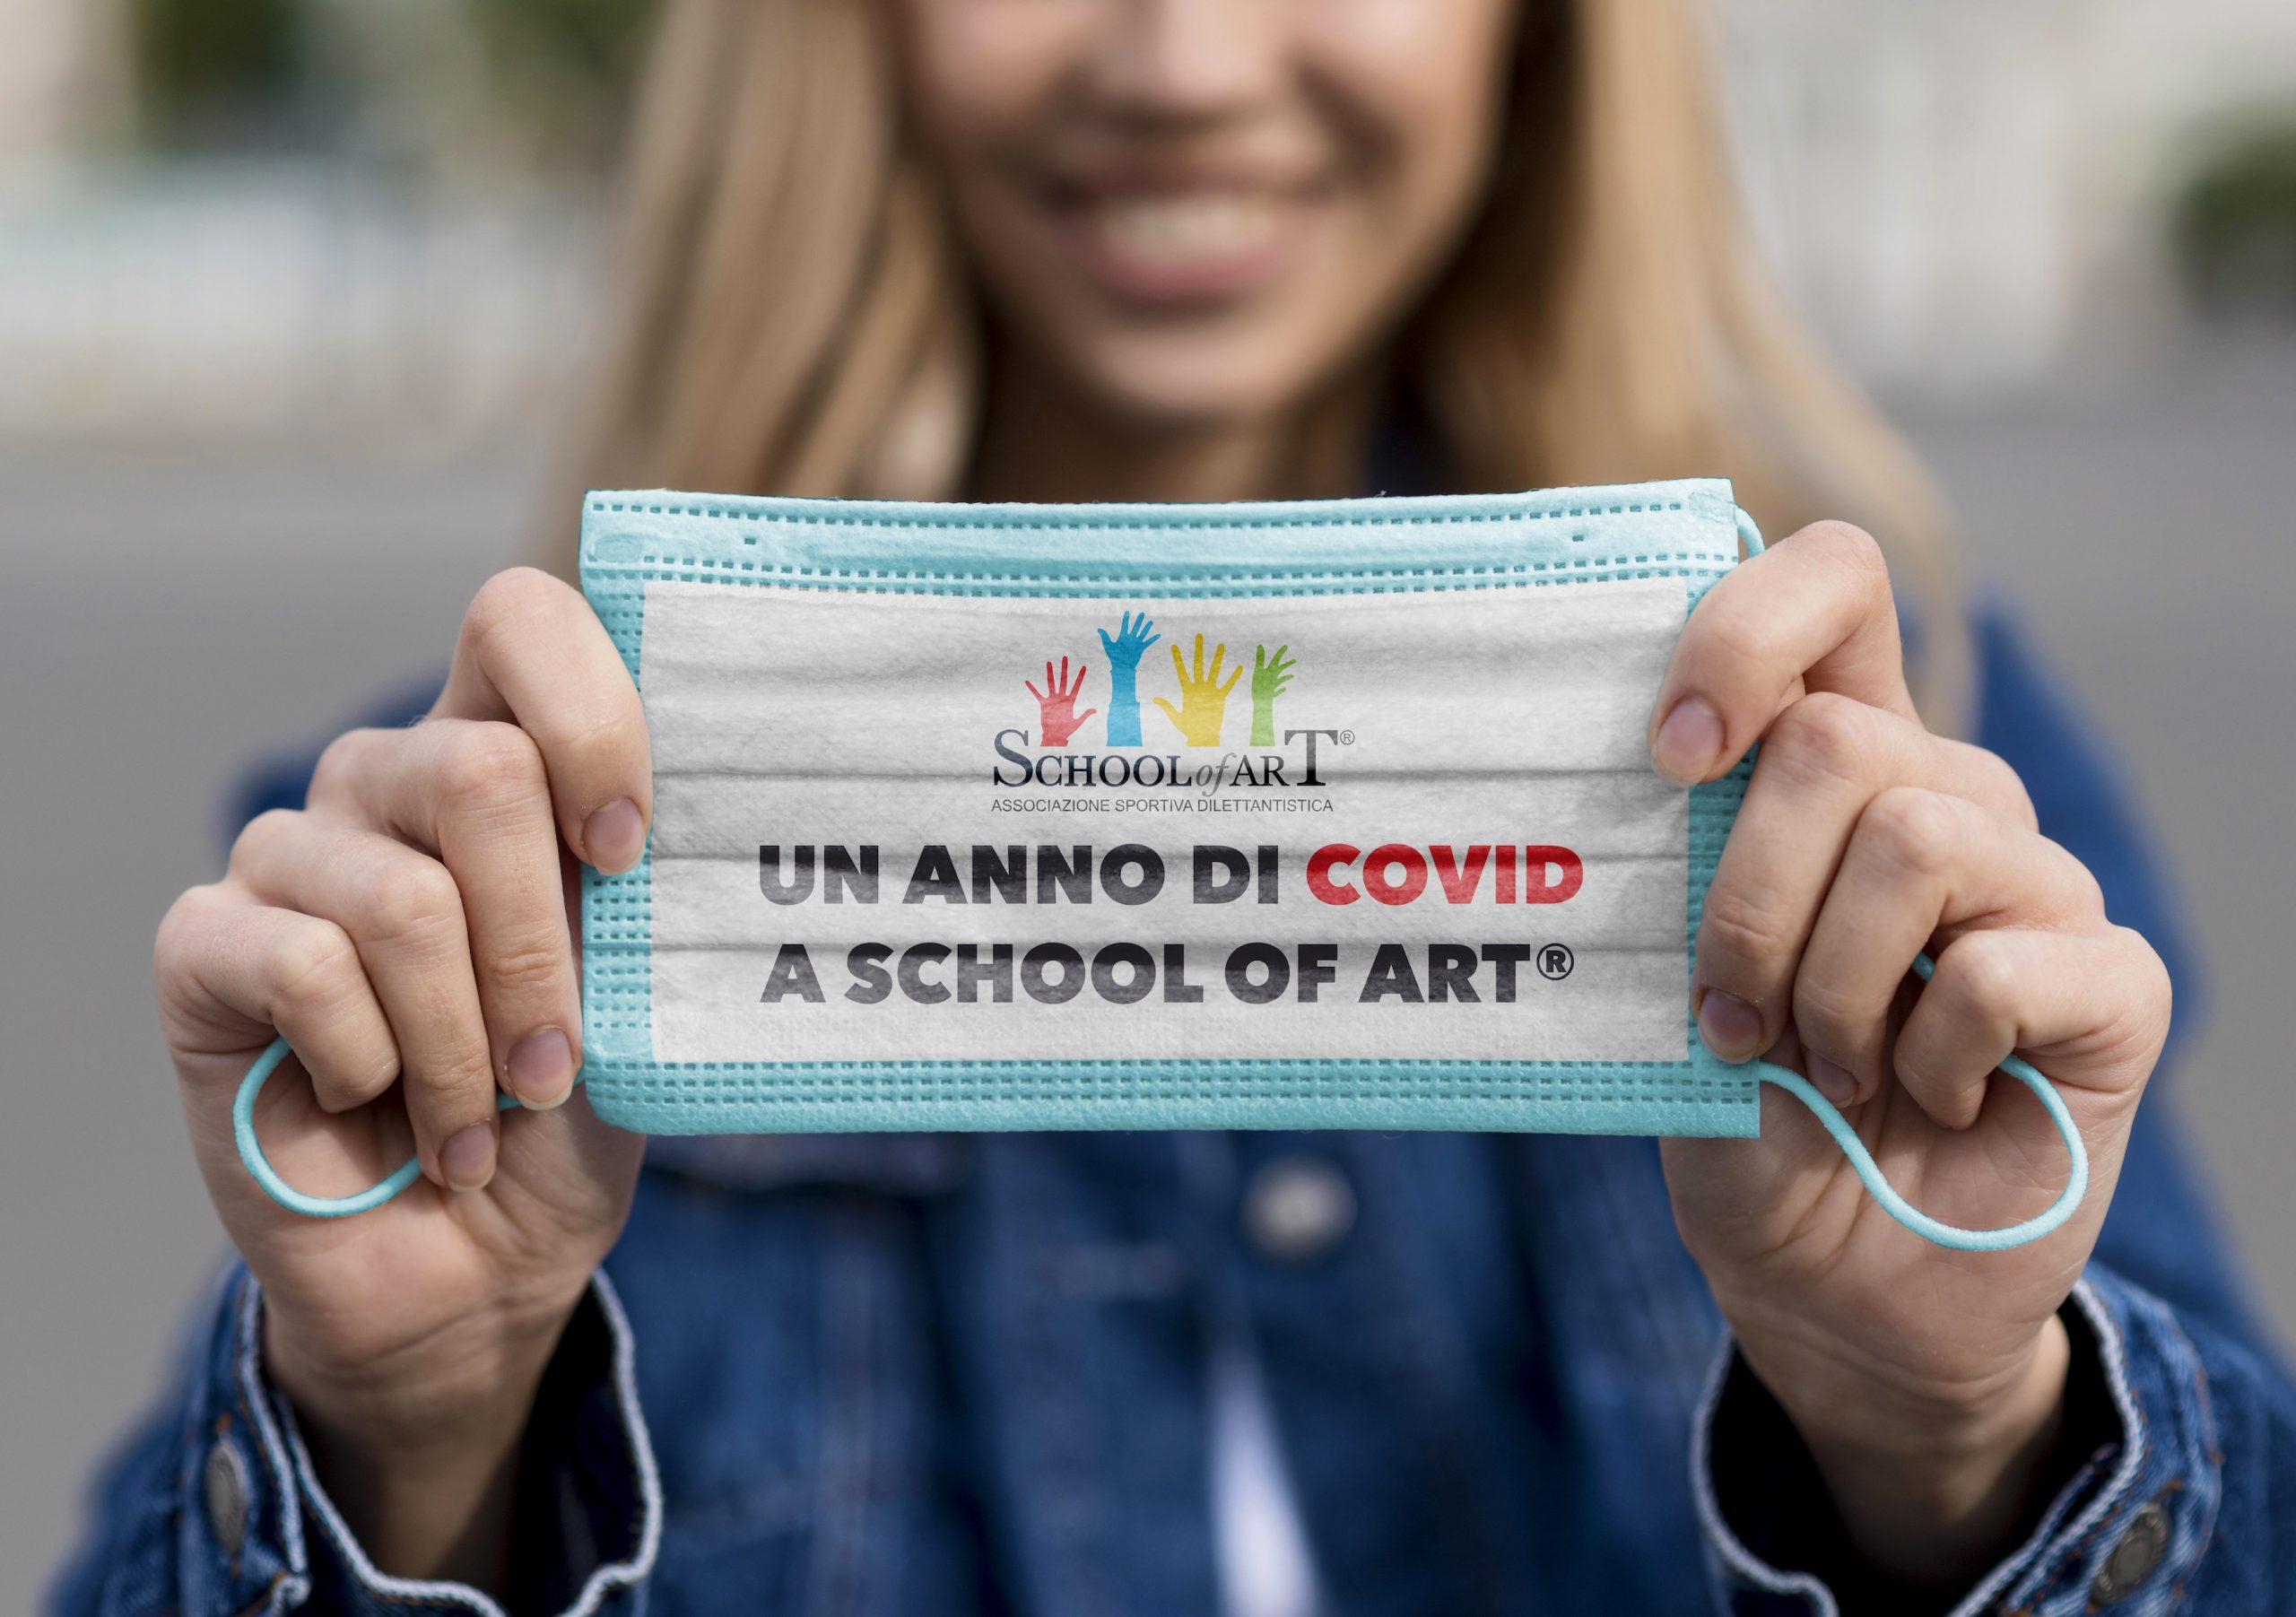 Un anno di Covid a School of Art®